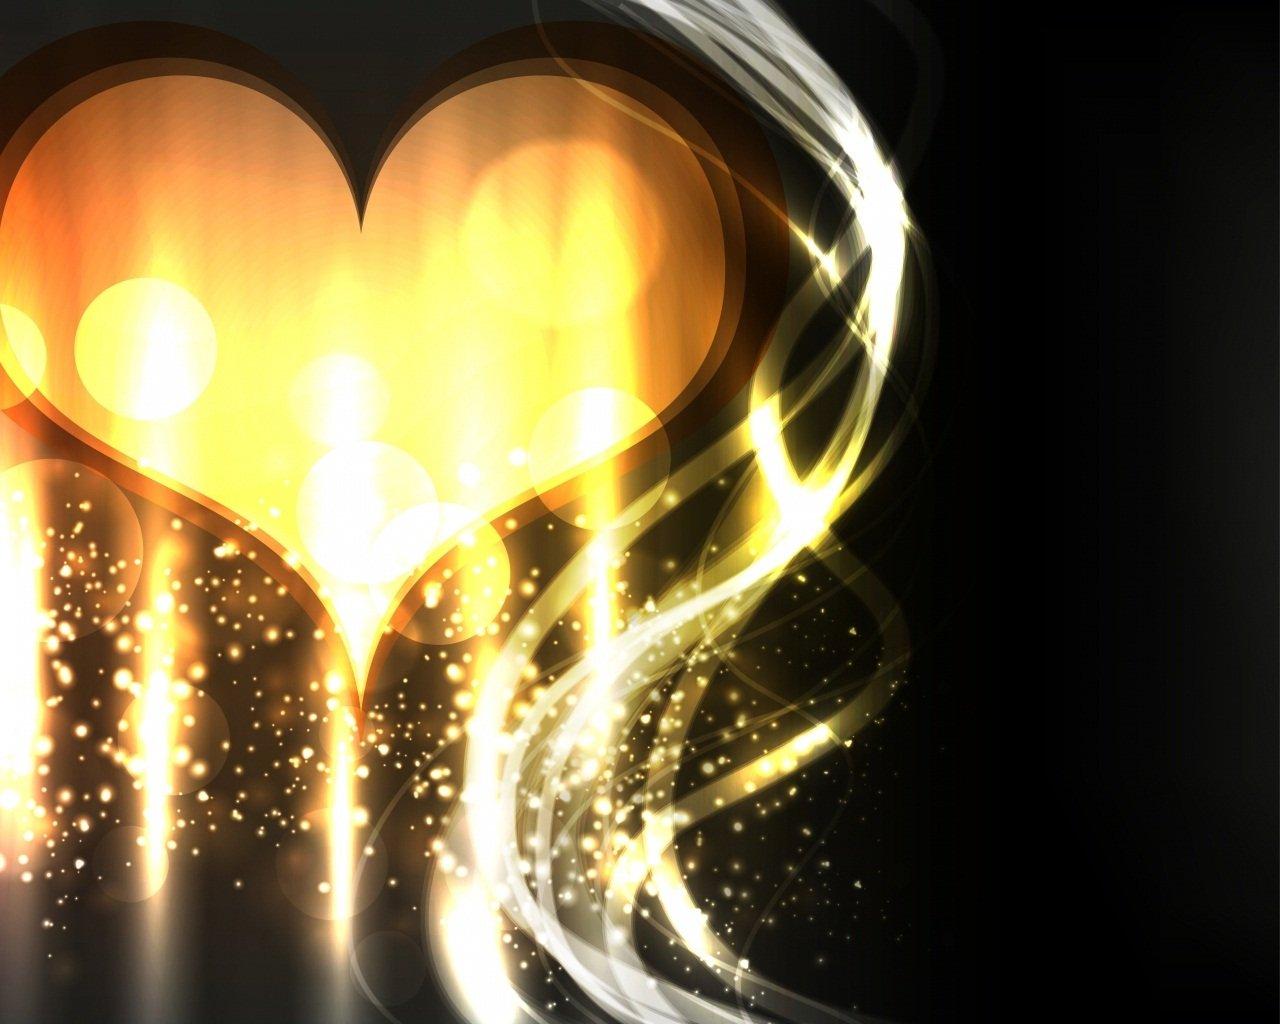 Imagenes De Amor Con Efectos: Imágenes De Corazones Con Frases De Amor Con Movimiento Y